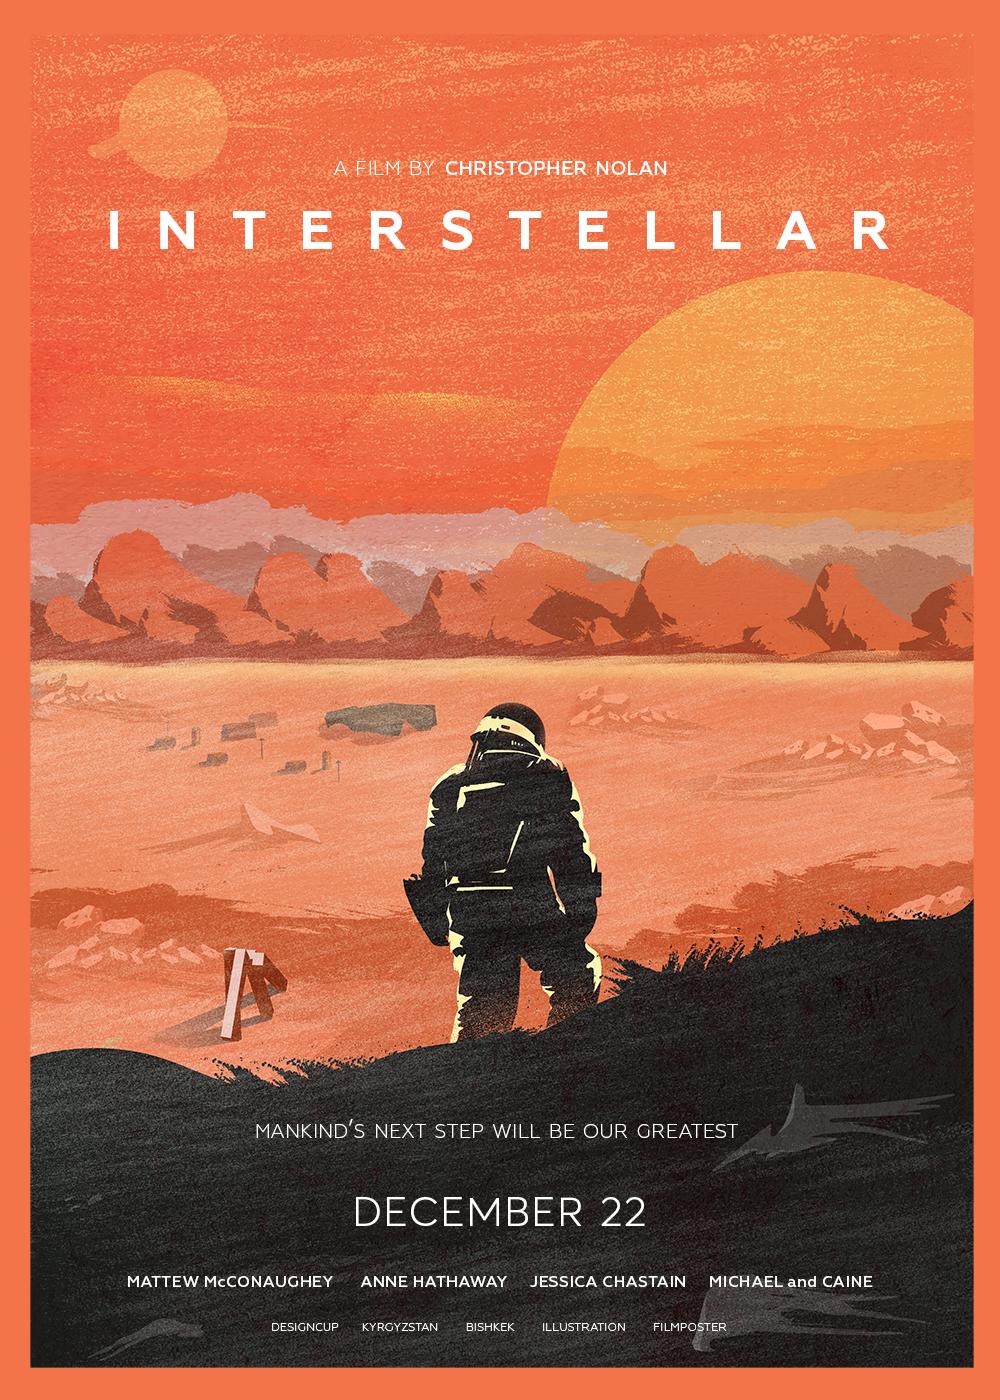 Interstellar Poster On Behance